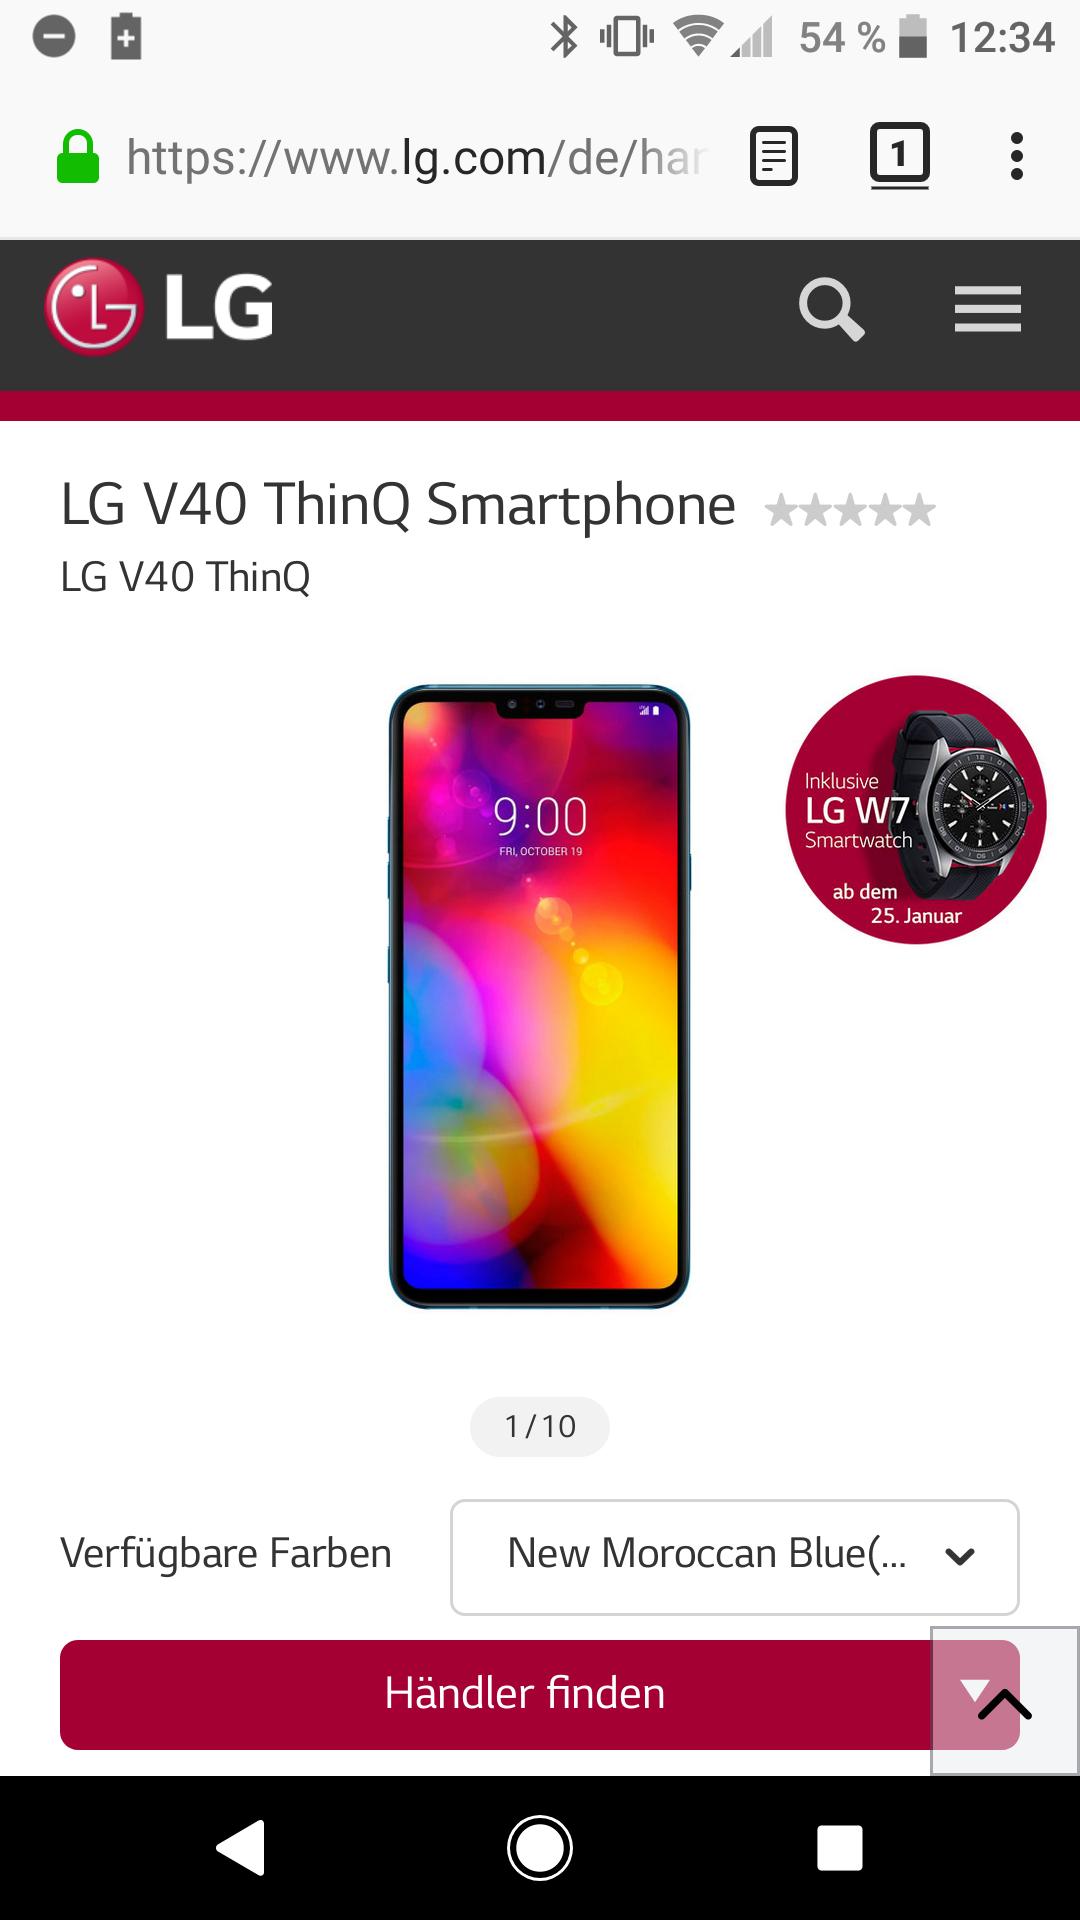 LG V40 ThinQ inkl. LG W7